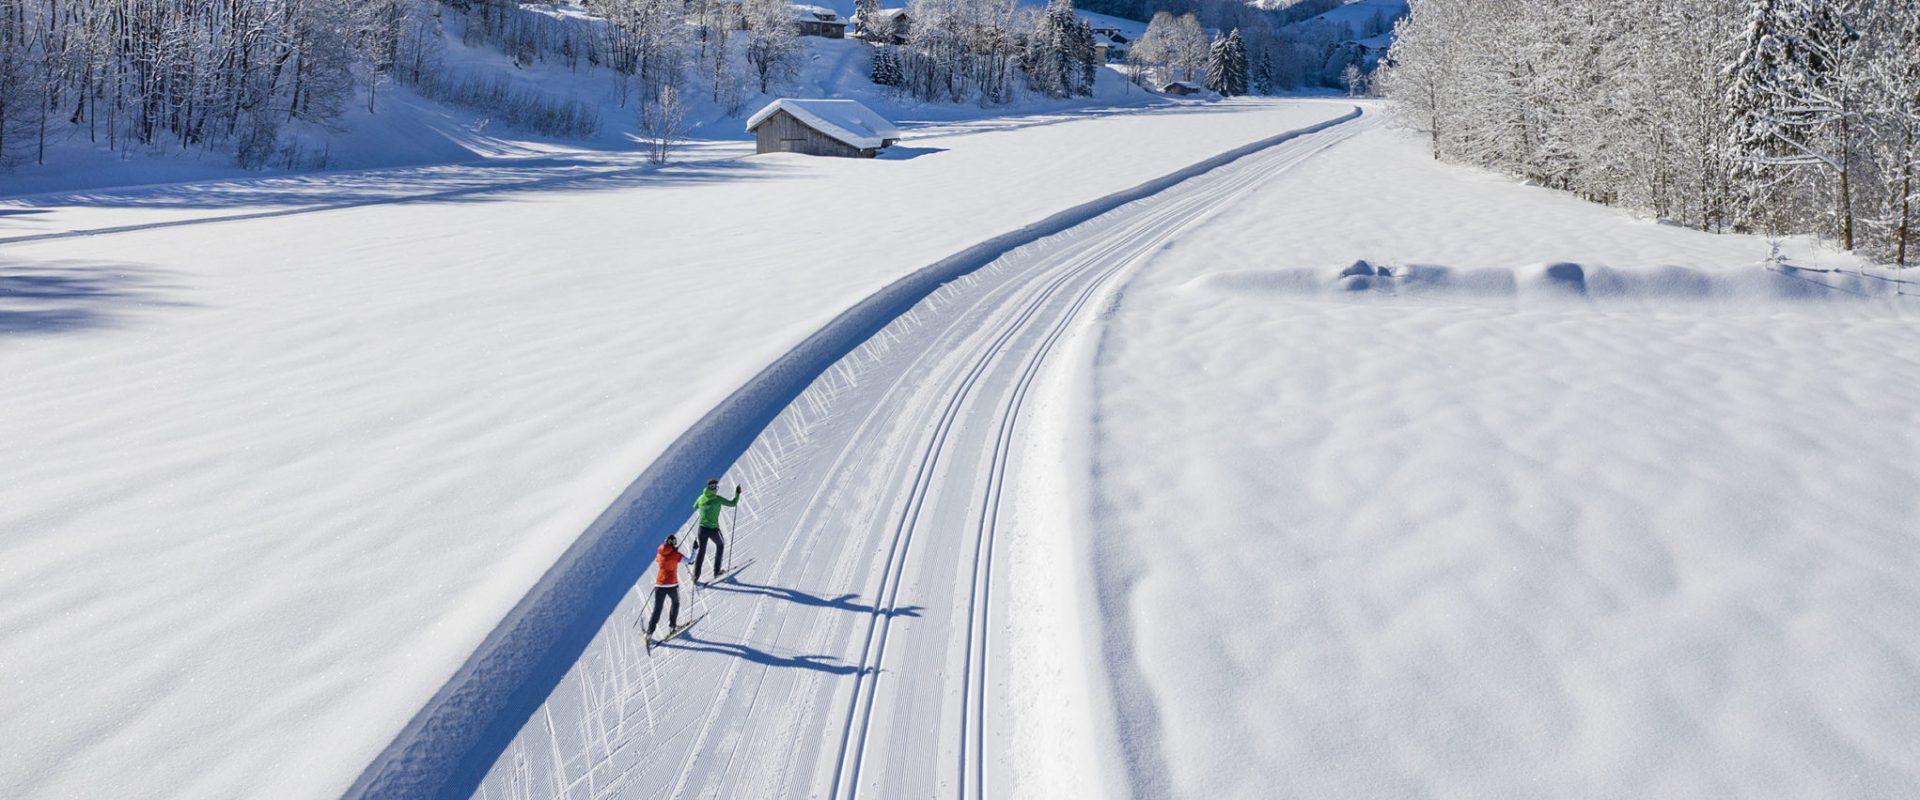 Langlaufen in Au-Schoppernau © Emanuel Sutterlüty - Au-Schoppernau Tourismus (6)